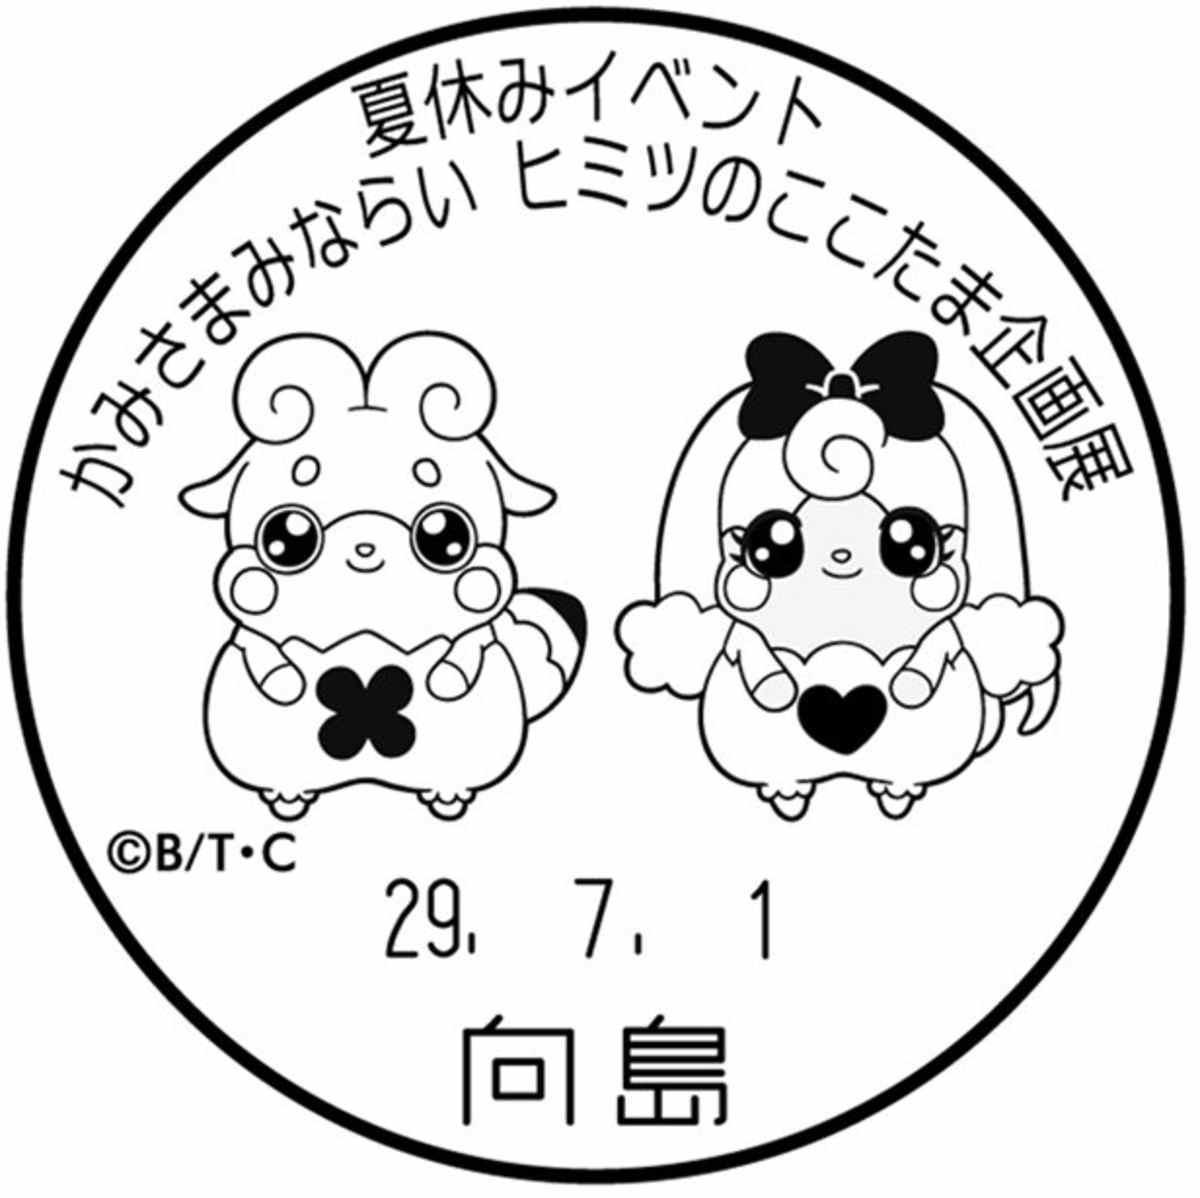 「夏休みイベント かみさまみならい ヒミツのここたま企画展」が、7月1日(土)~予定9月1日(金)に郵政博物館で開催され